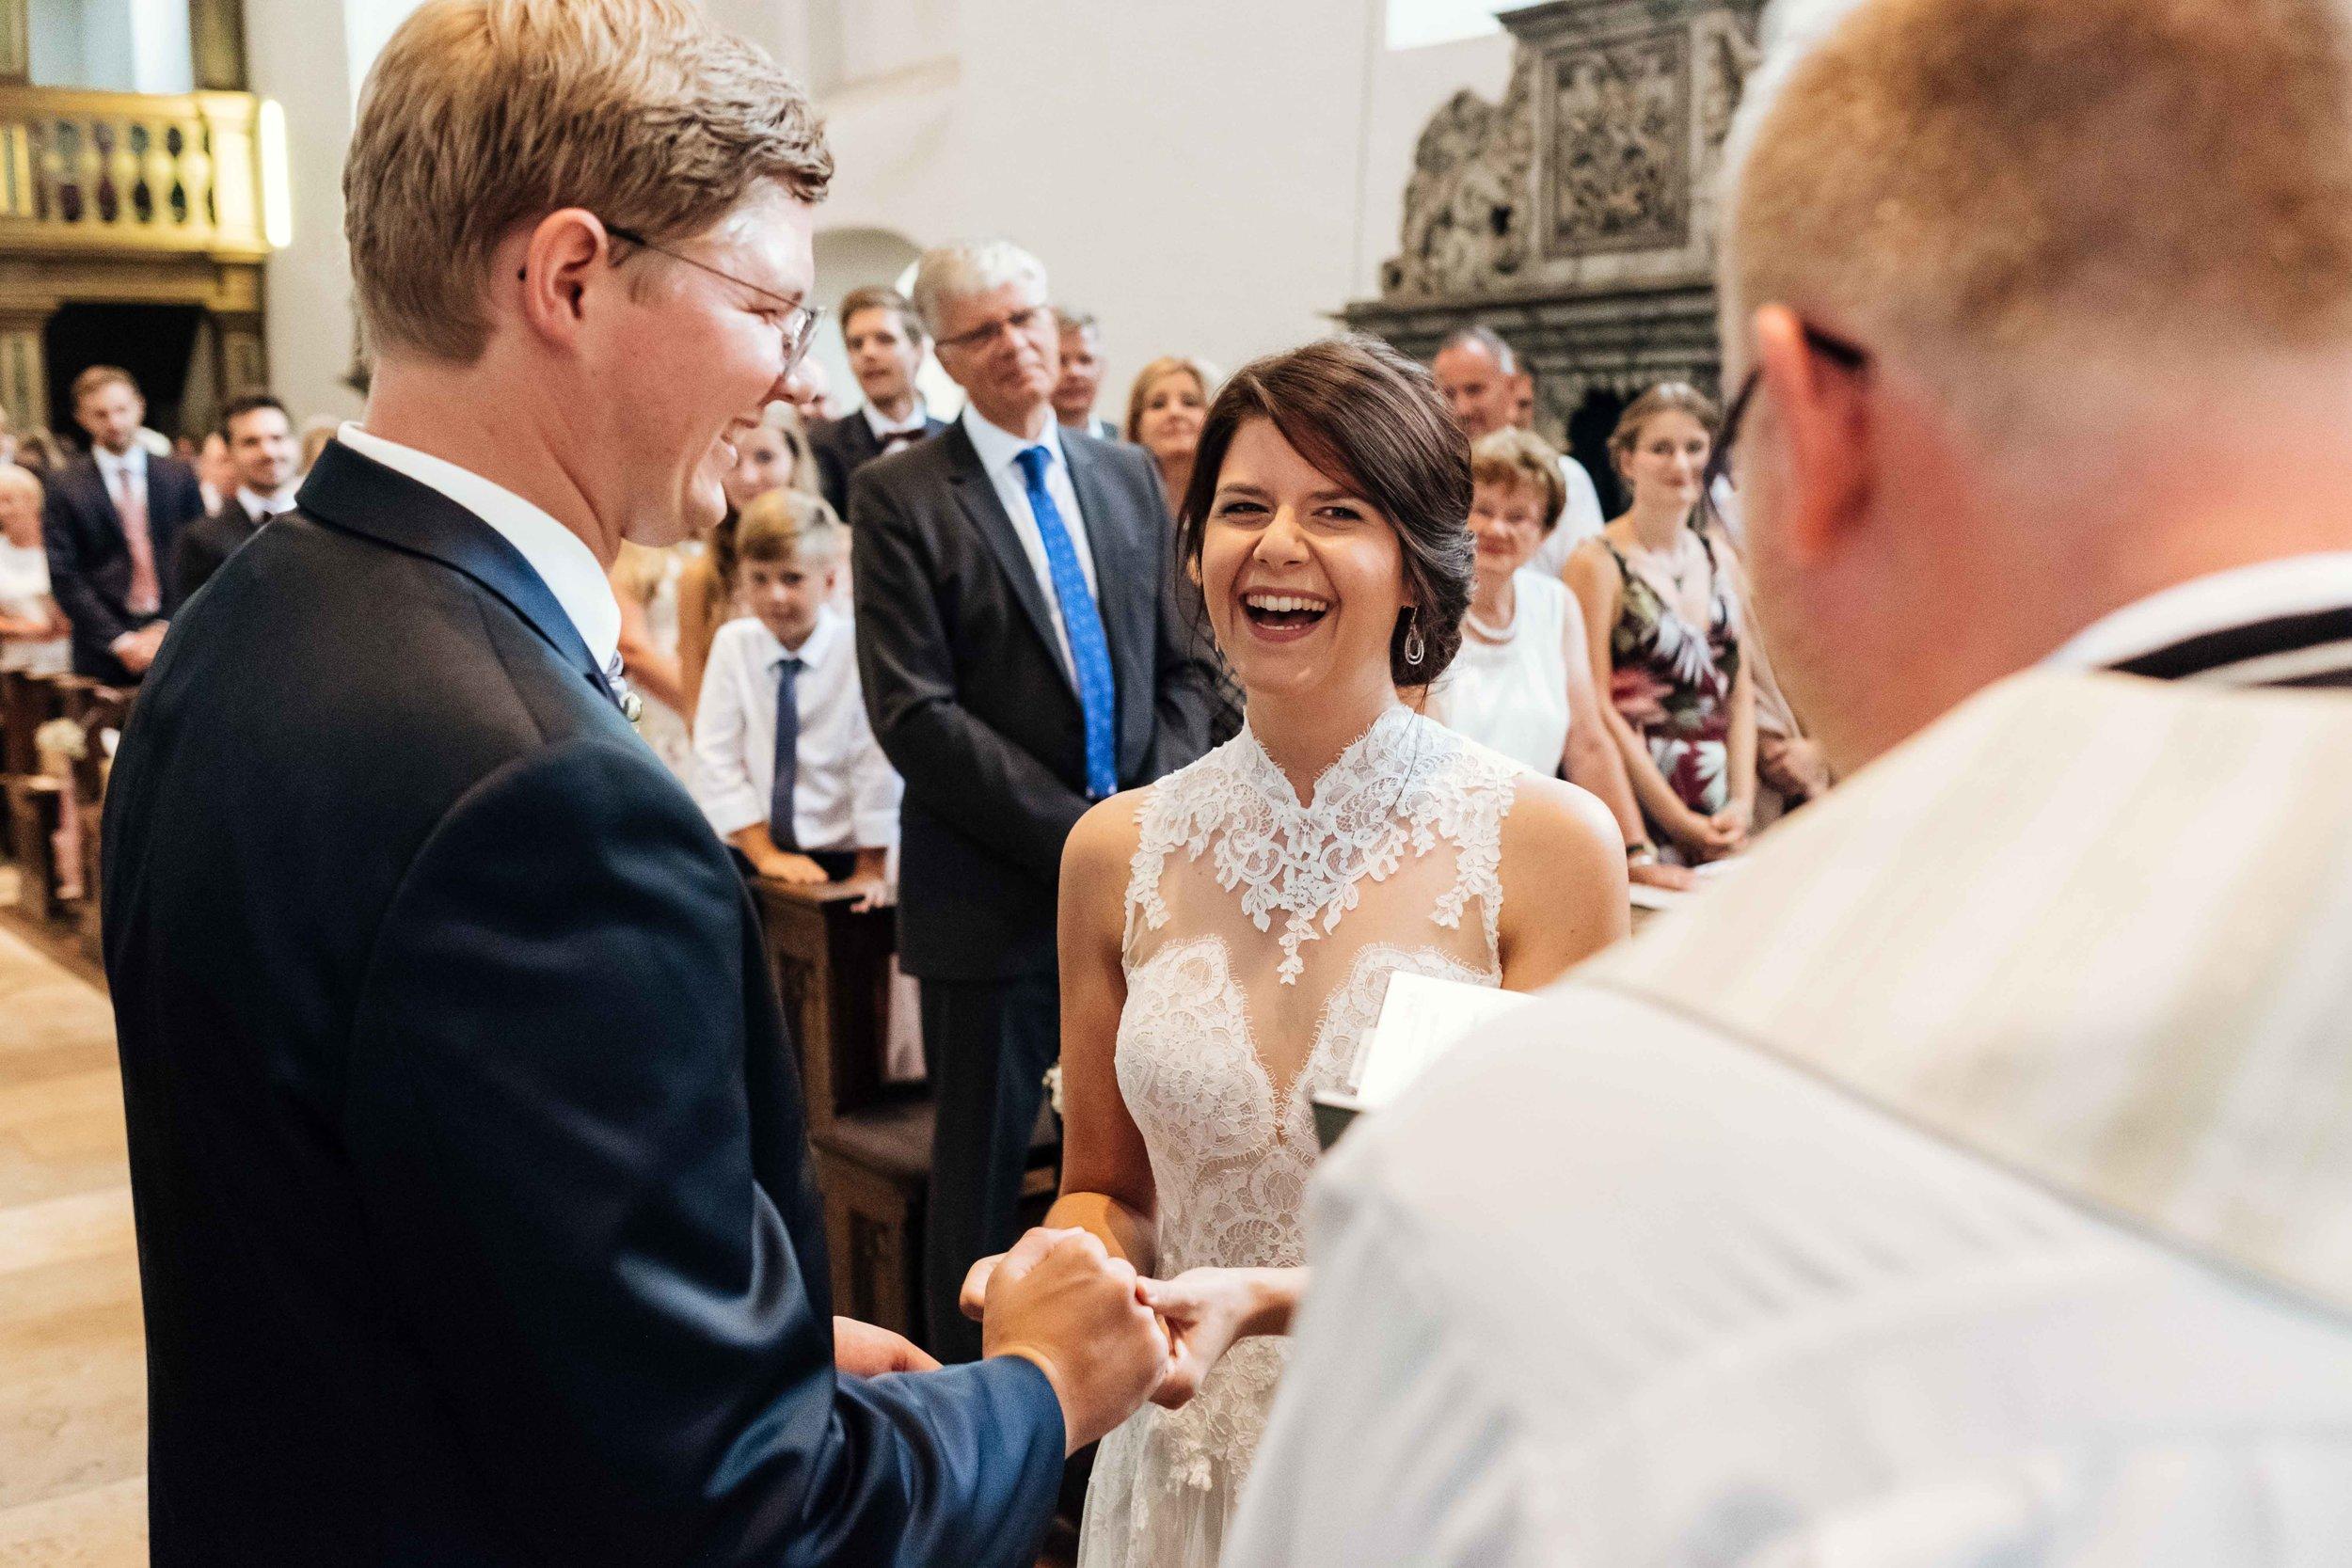 Hochzeitsfotograf Telgte amato 14.jpg